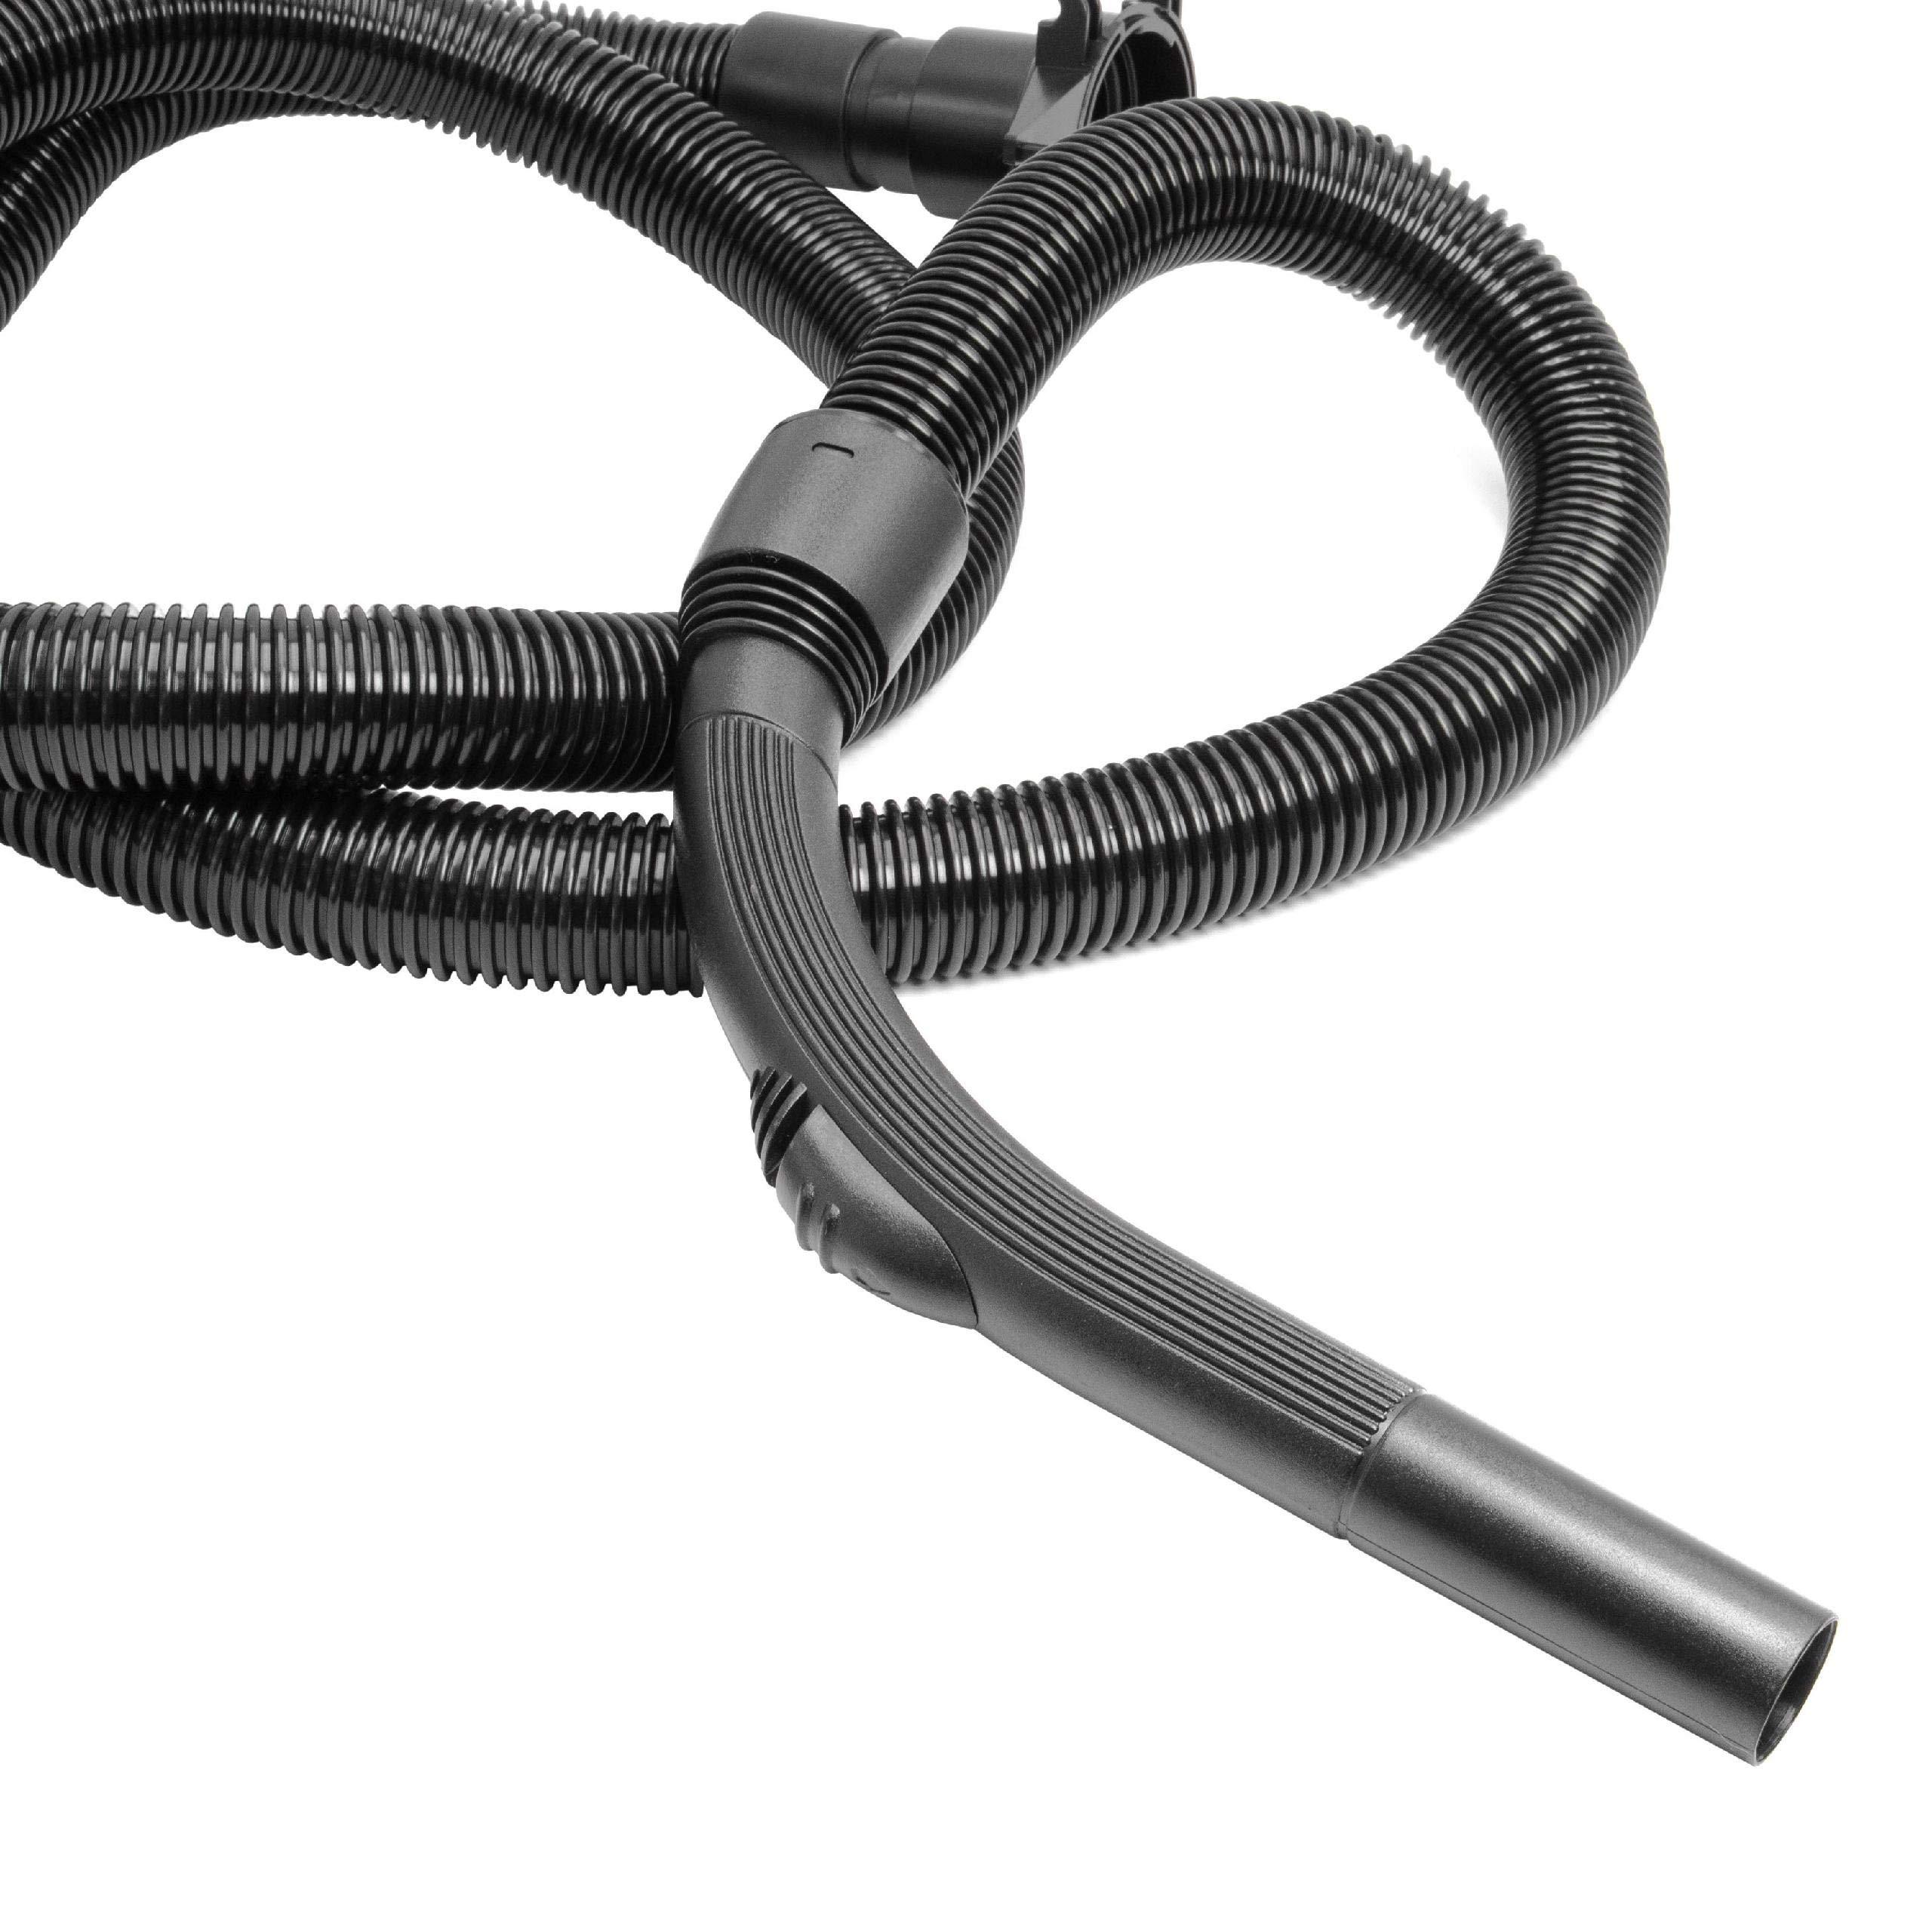 vhbw Tubo flexible compatible con Kirby Sentria II, Ultimate G aspiradora, negro con mango: Amazon.es: Hogar